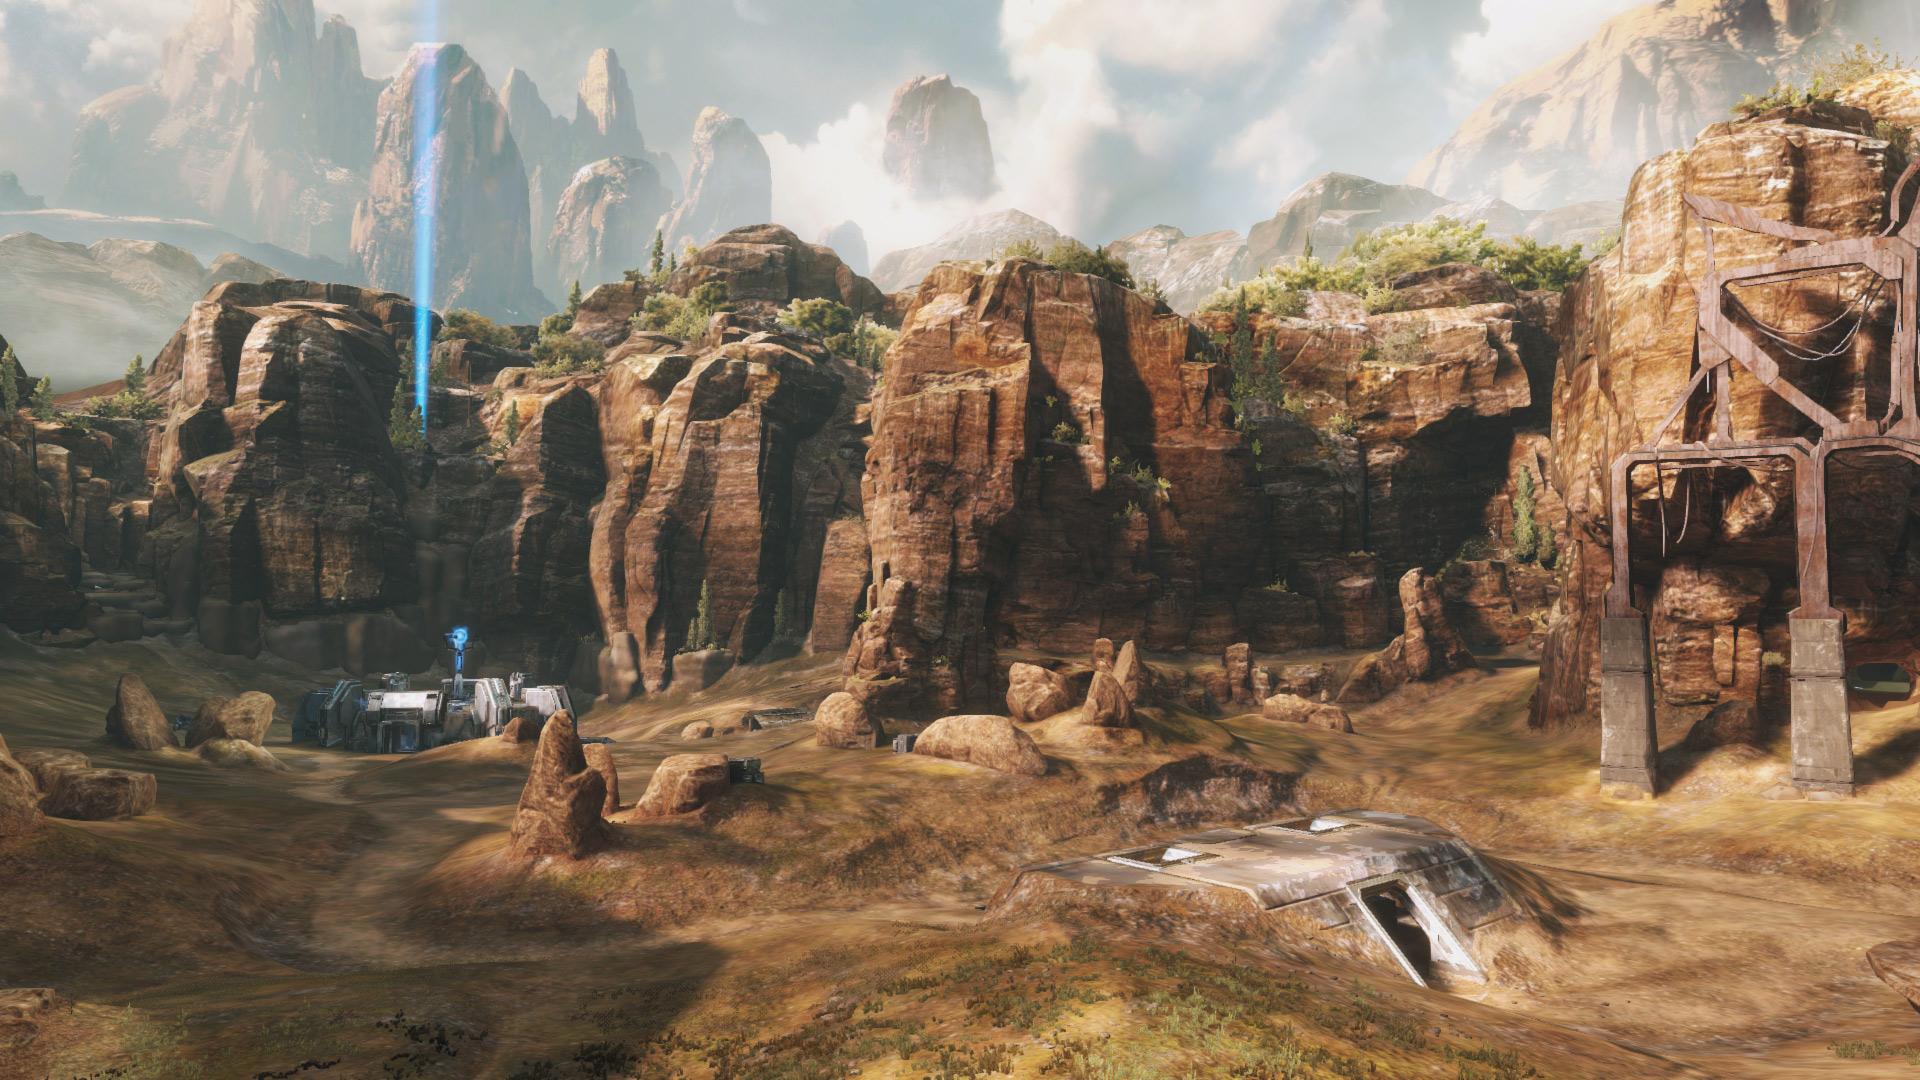 Coagulation mapa z Halo 2 bude v remaku přepracovaná 101684